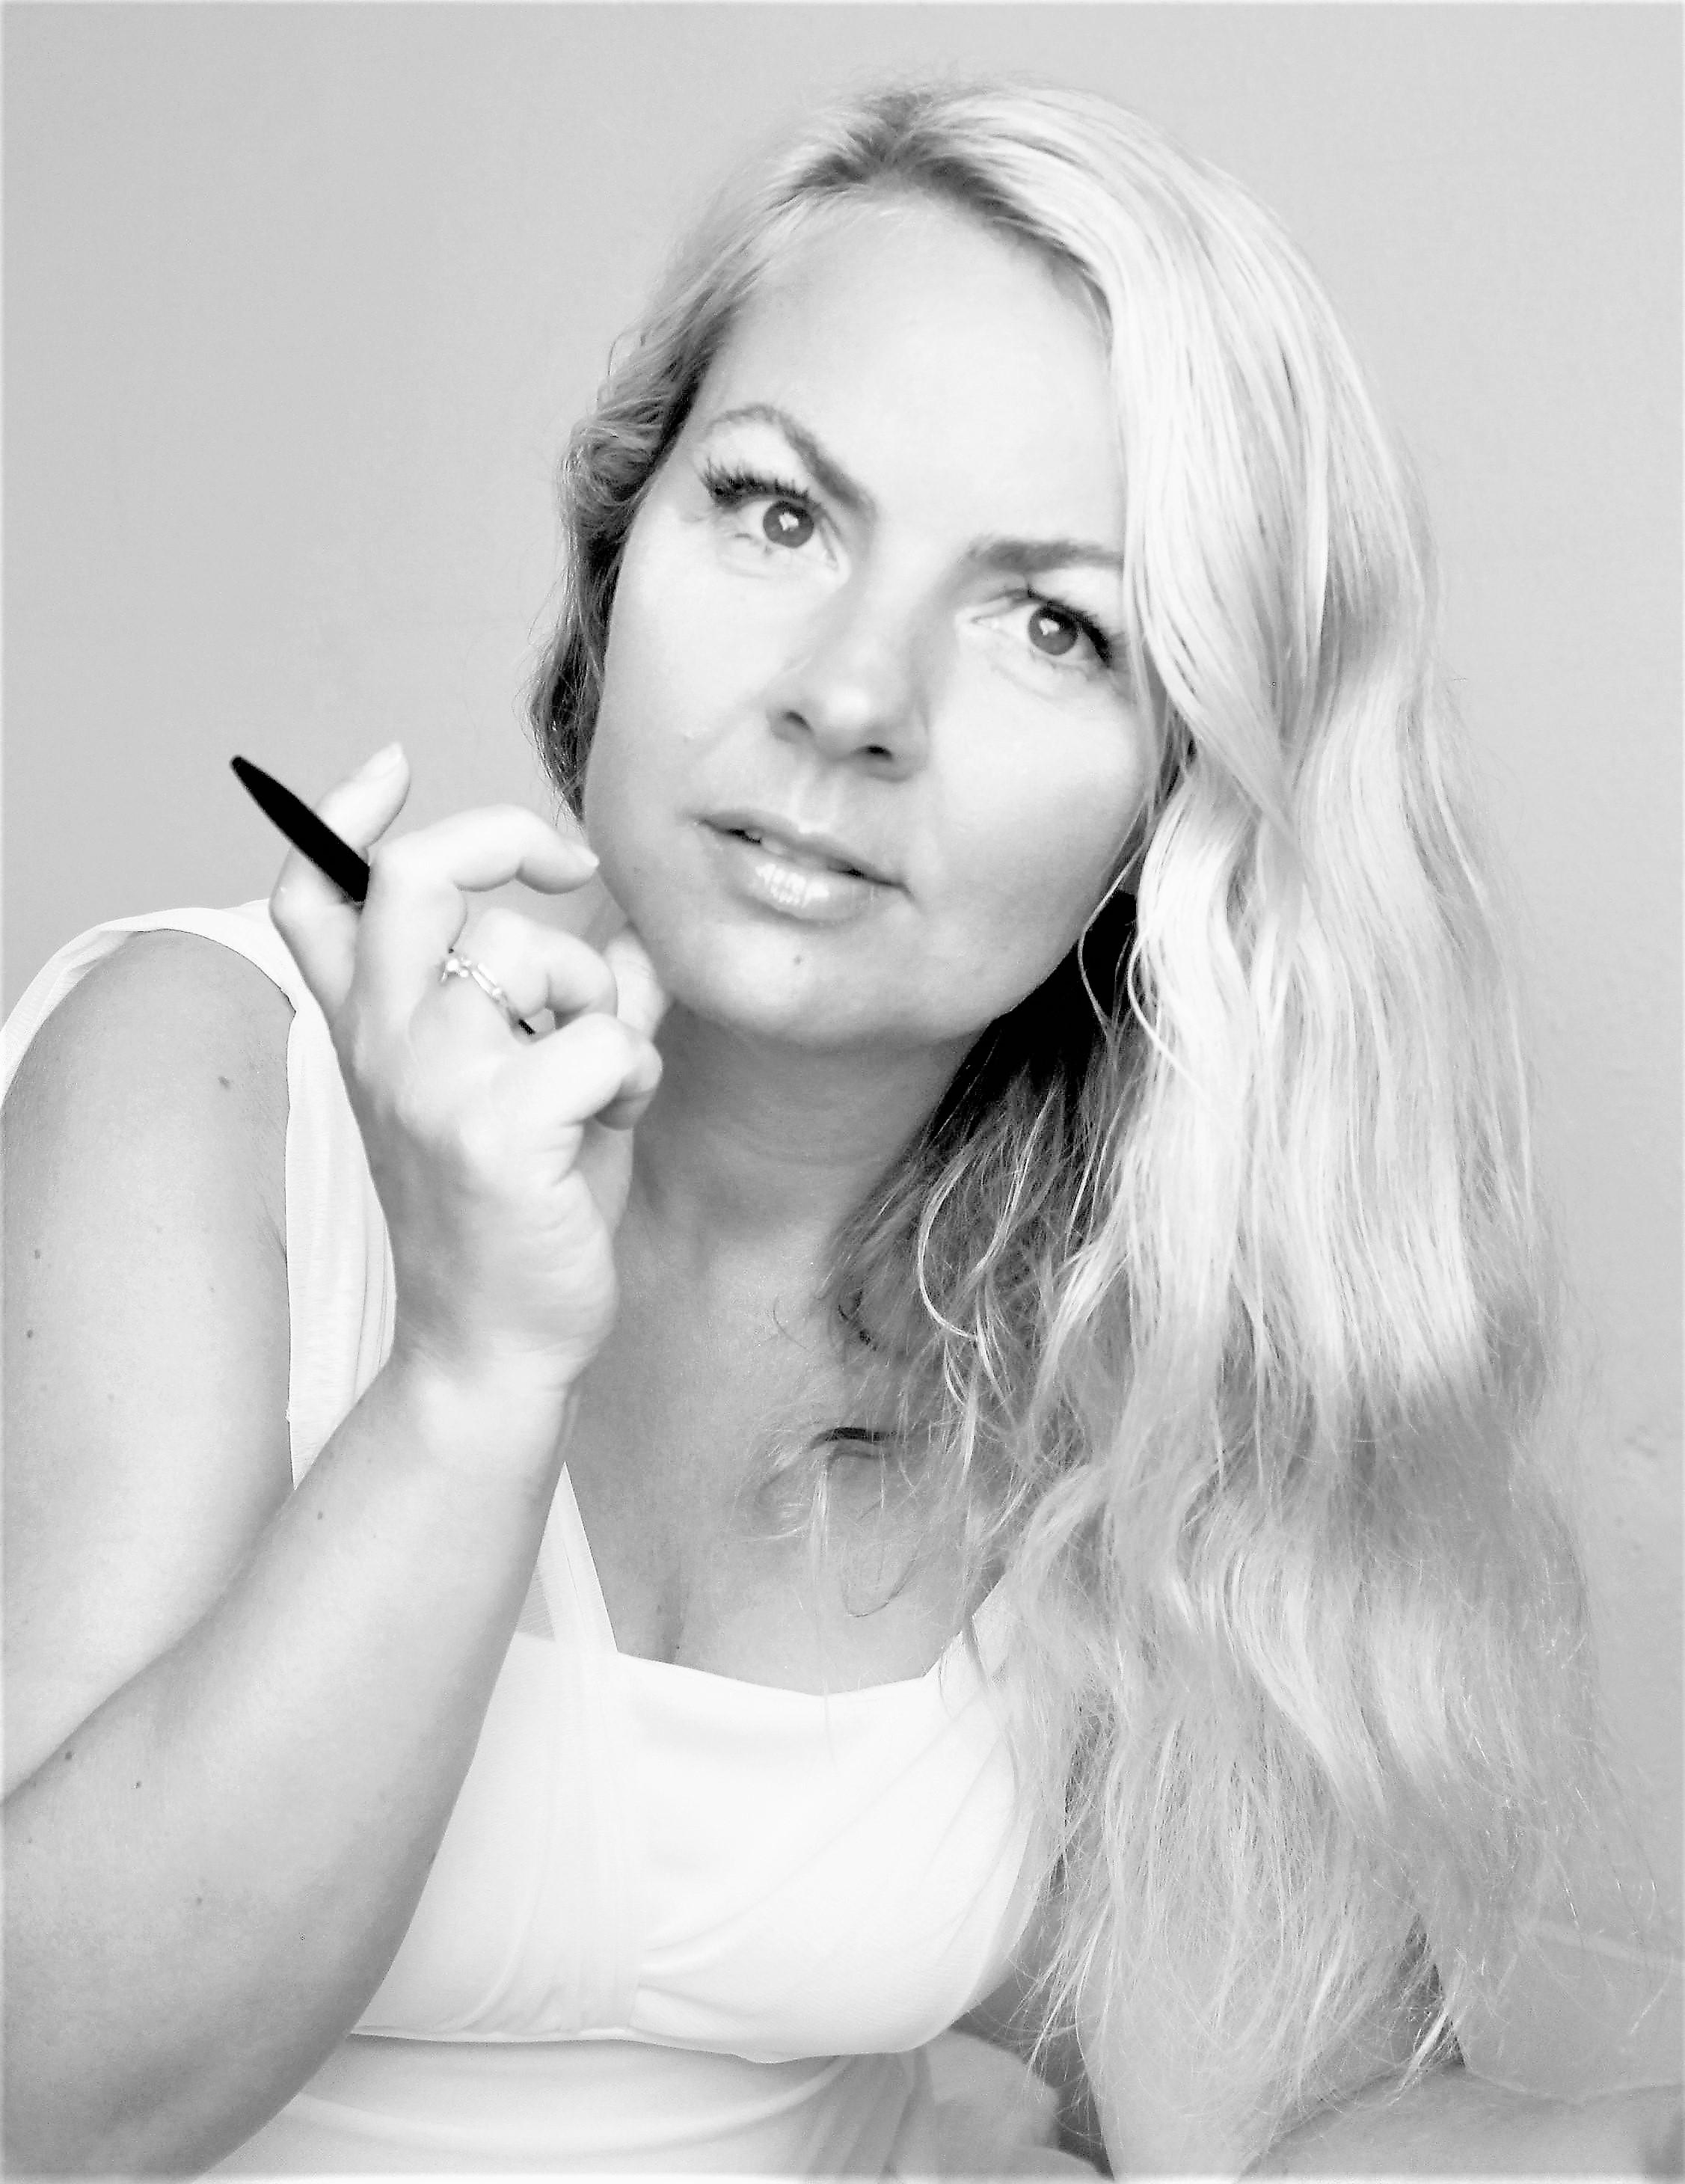 Nanna Grønbech Petersen